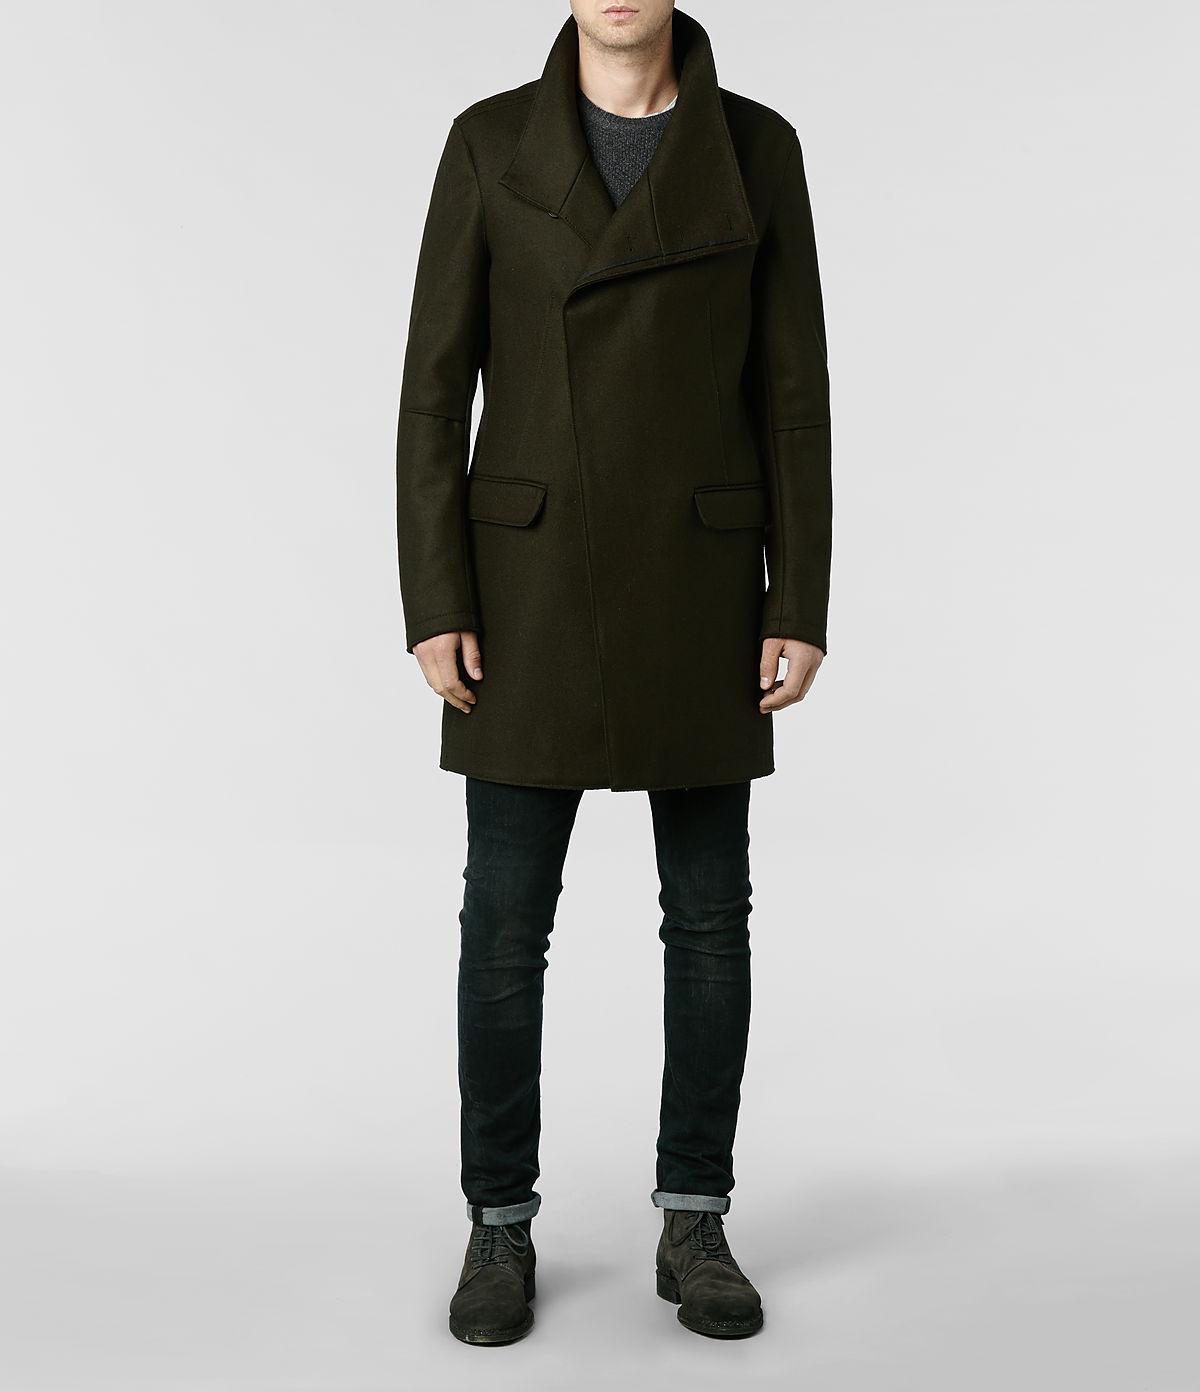 Allsaints Sylvan Coat In Brown For Men Lyst